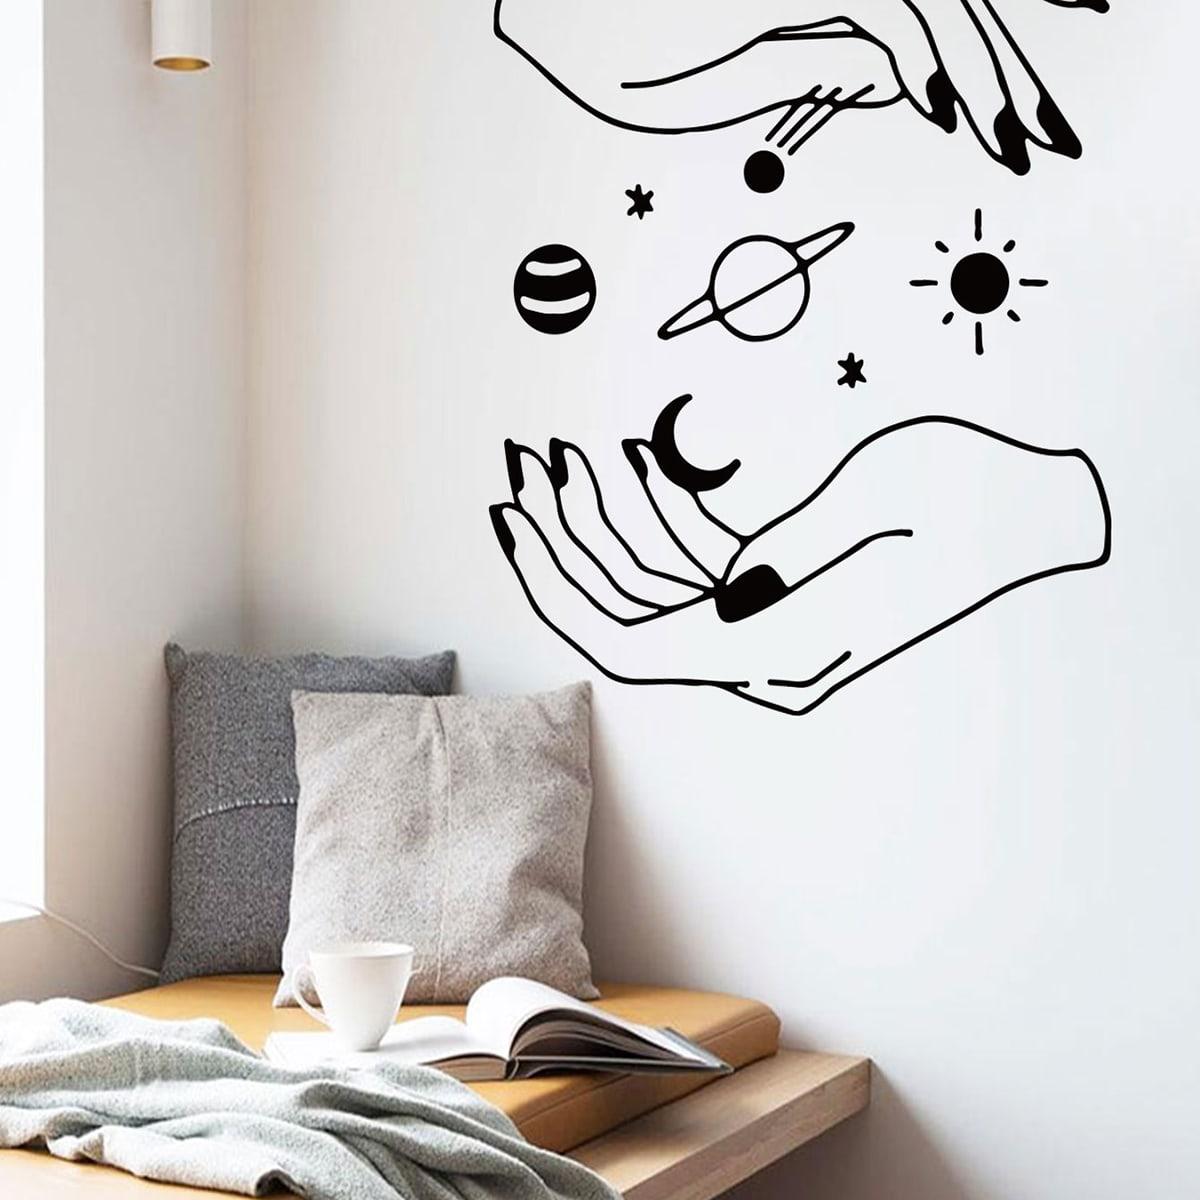 Wandaufkleber mit Hand & Stern Muster